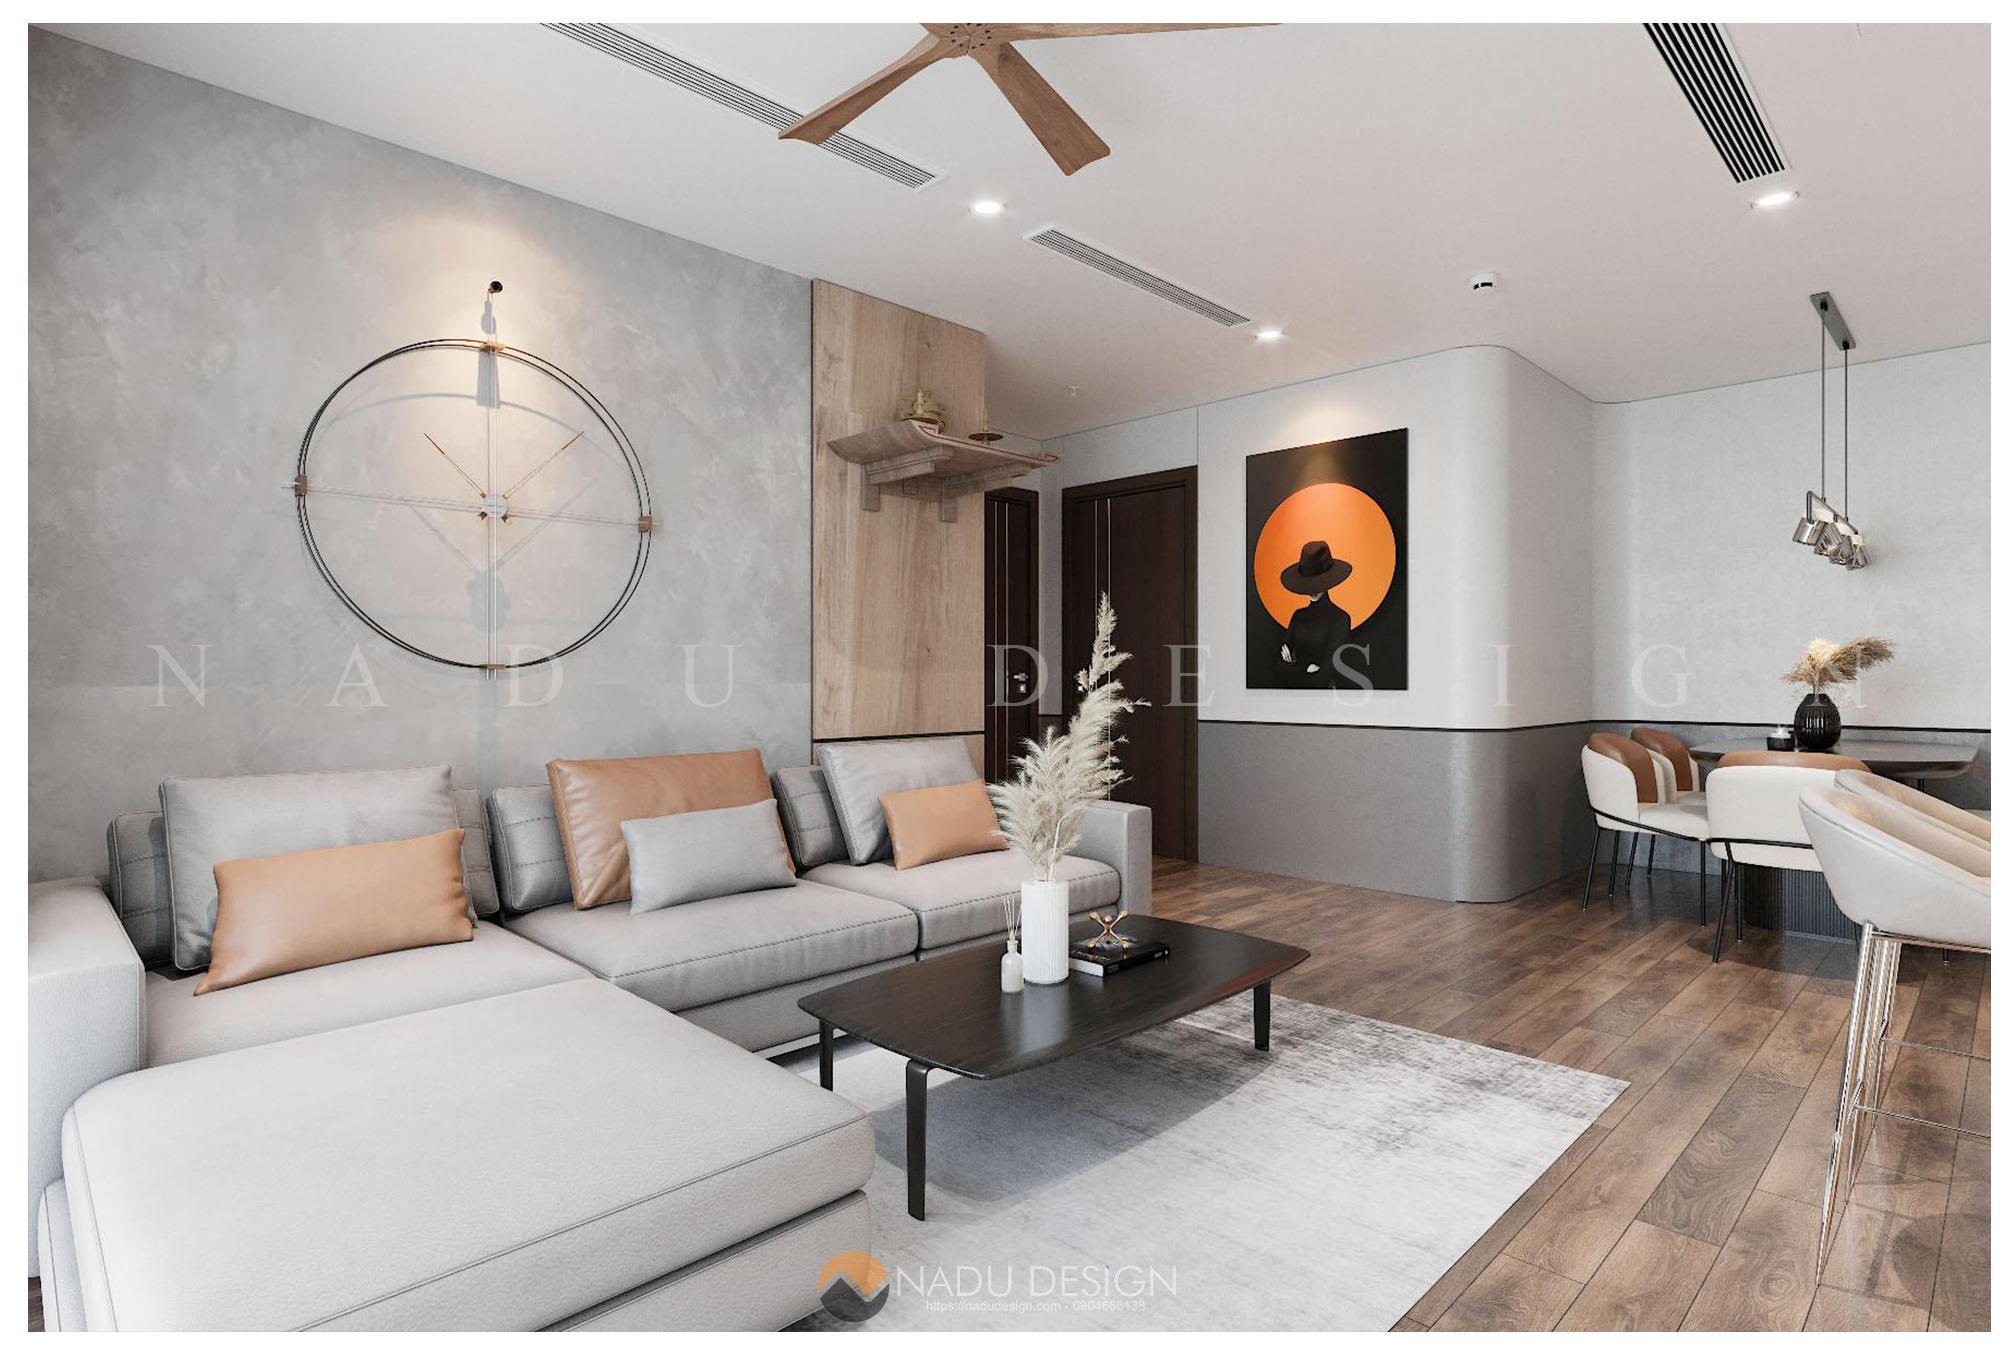 Thiết kế nội thất căn hộ chung cư Vinhome WestPoint W3